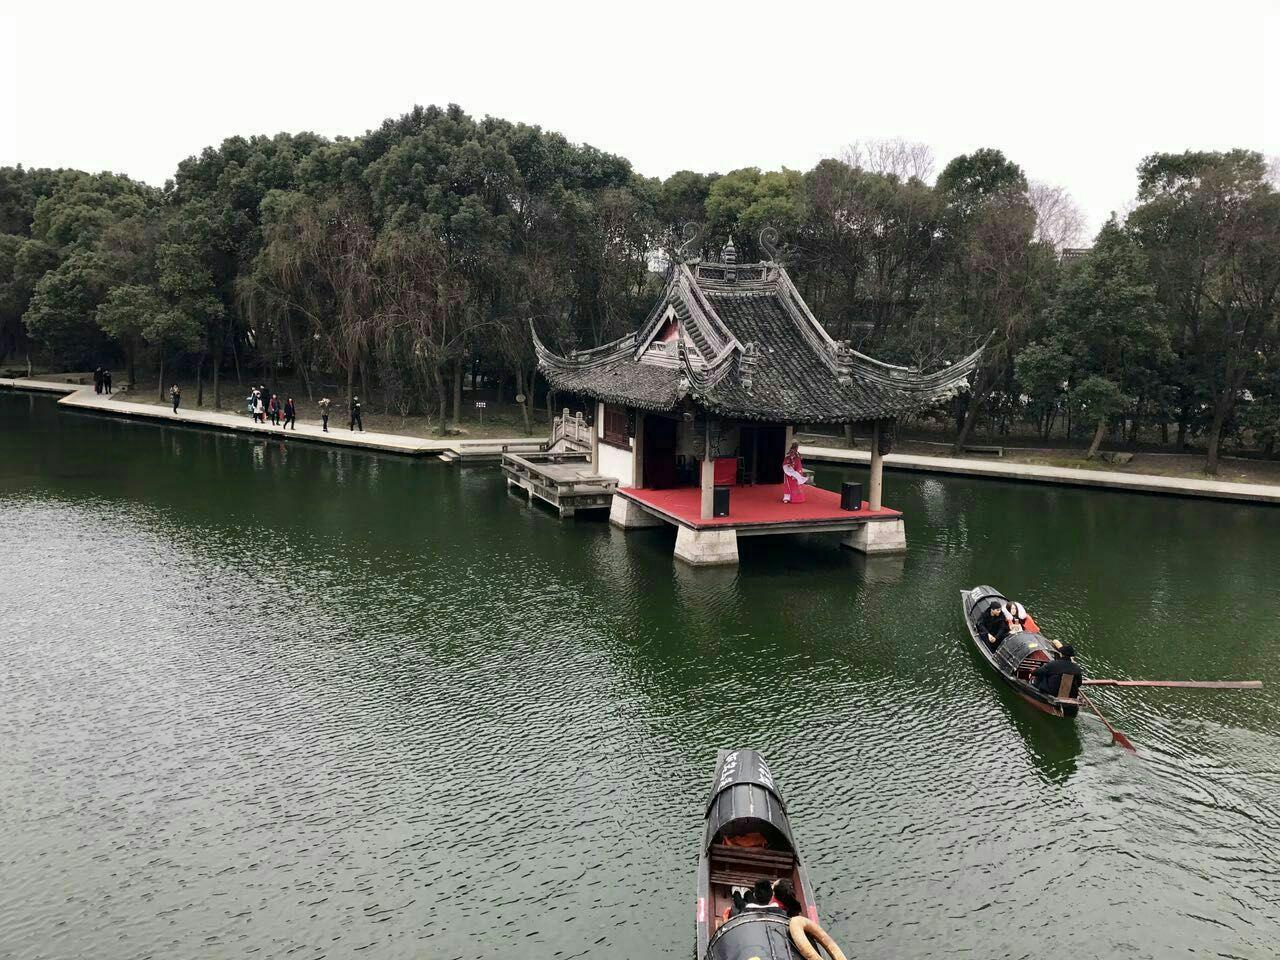 柯岩风景区位于浙江省绍兴市柯桥